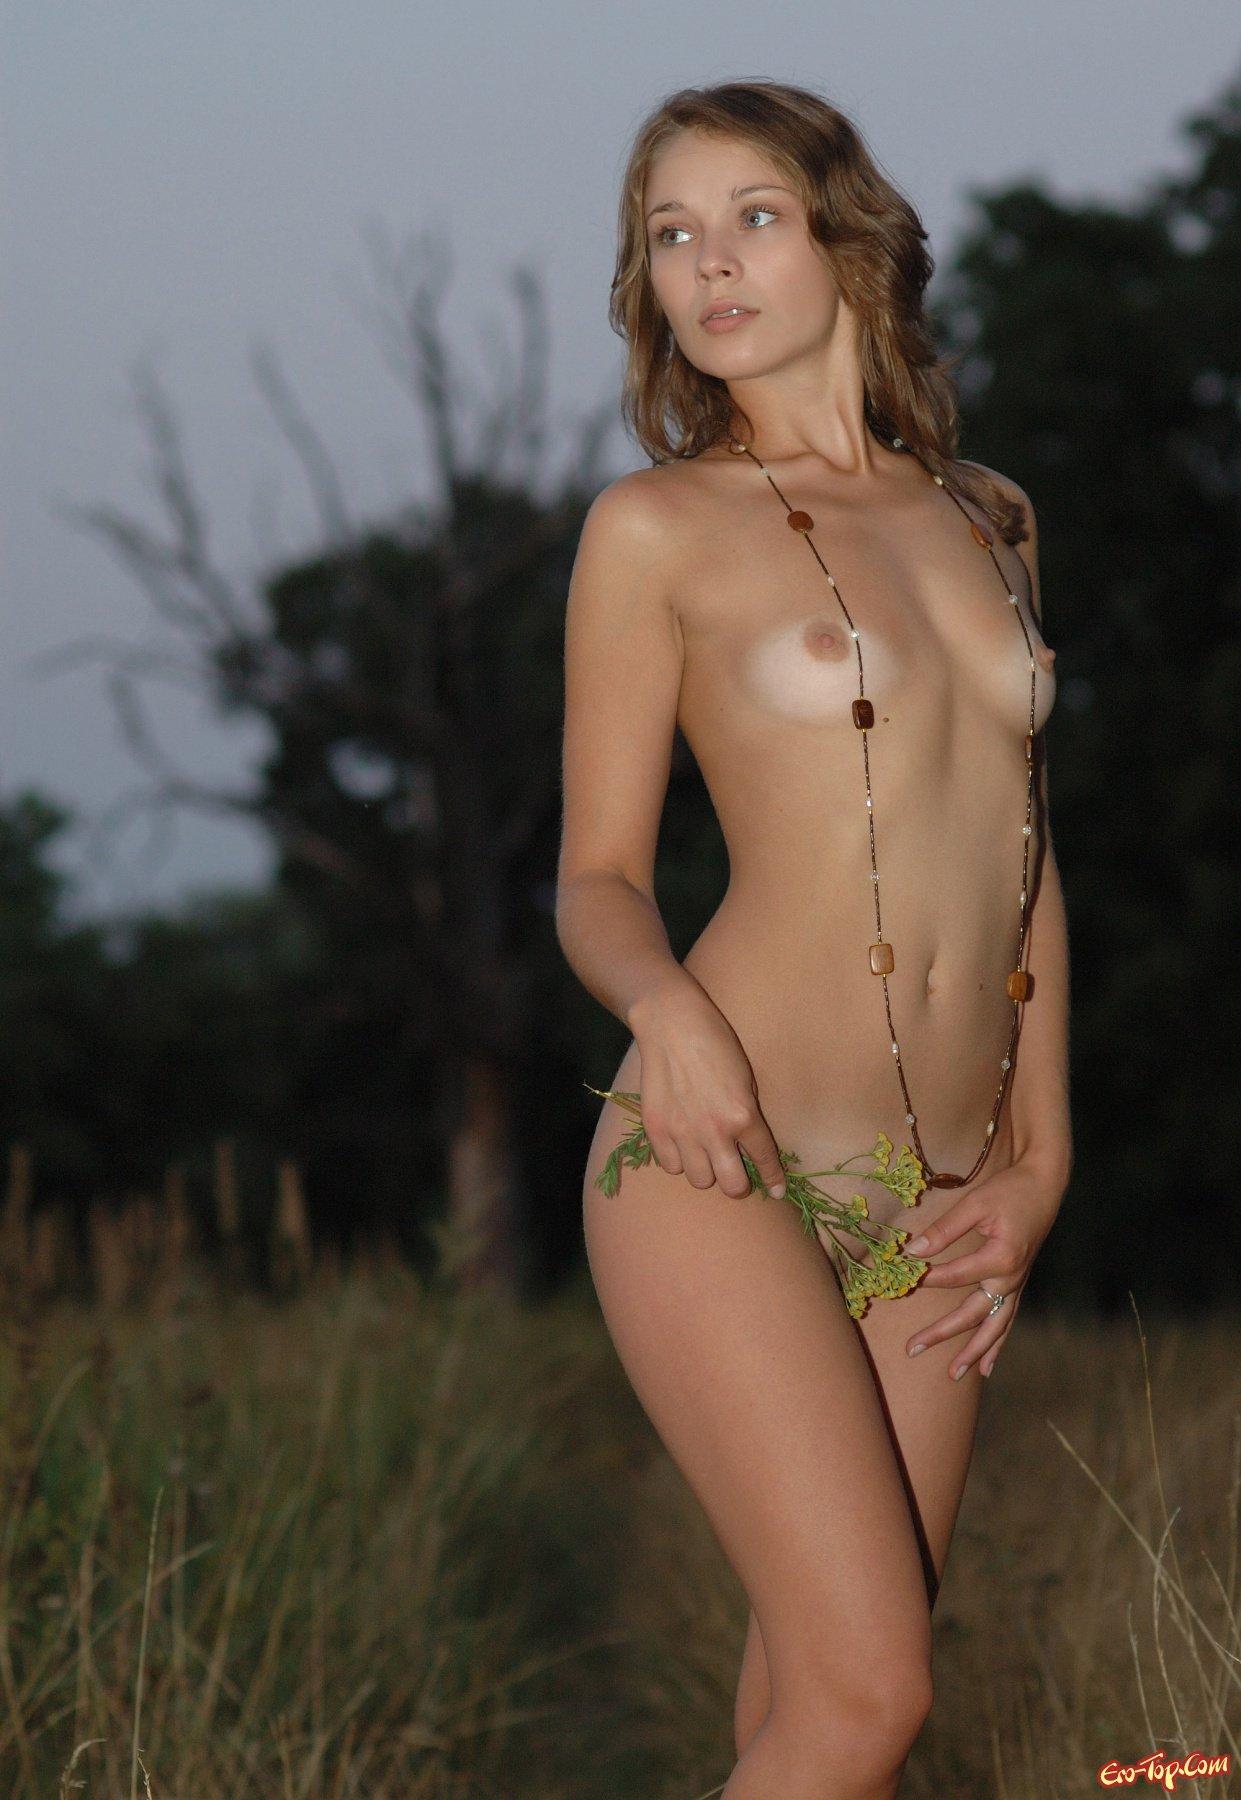 Проститутка на закате секс фото